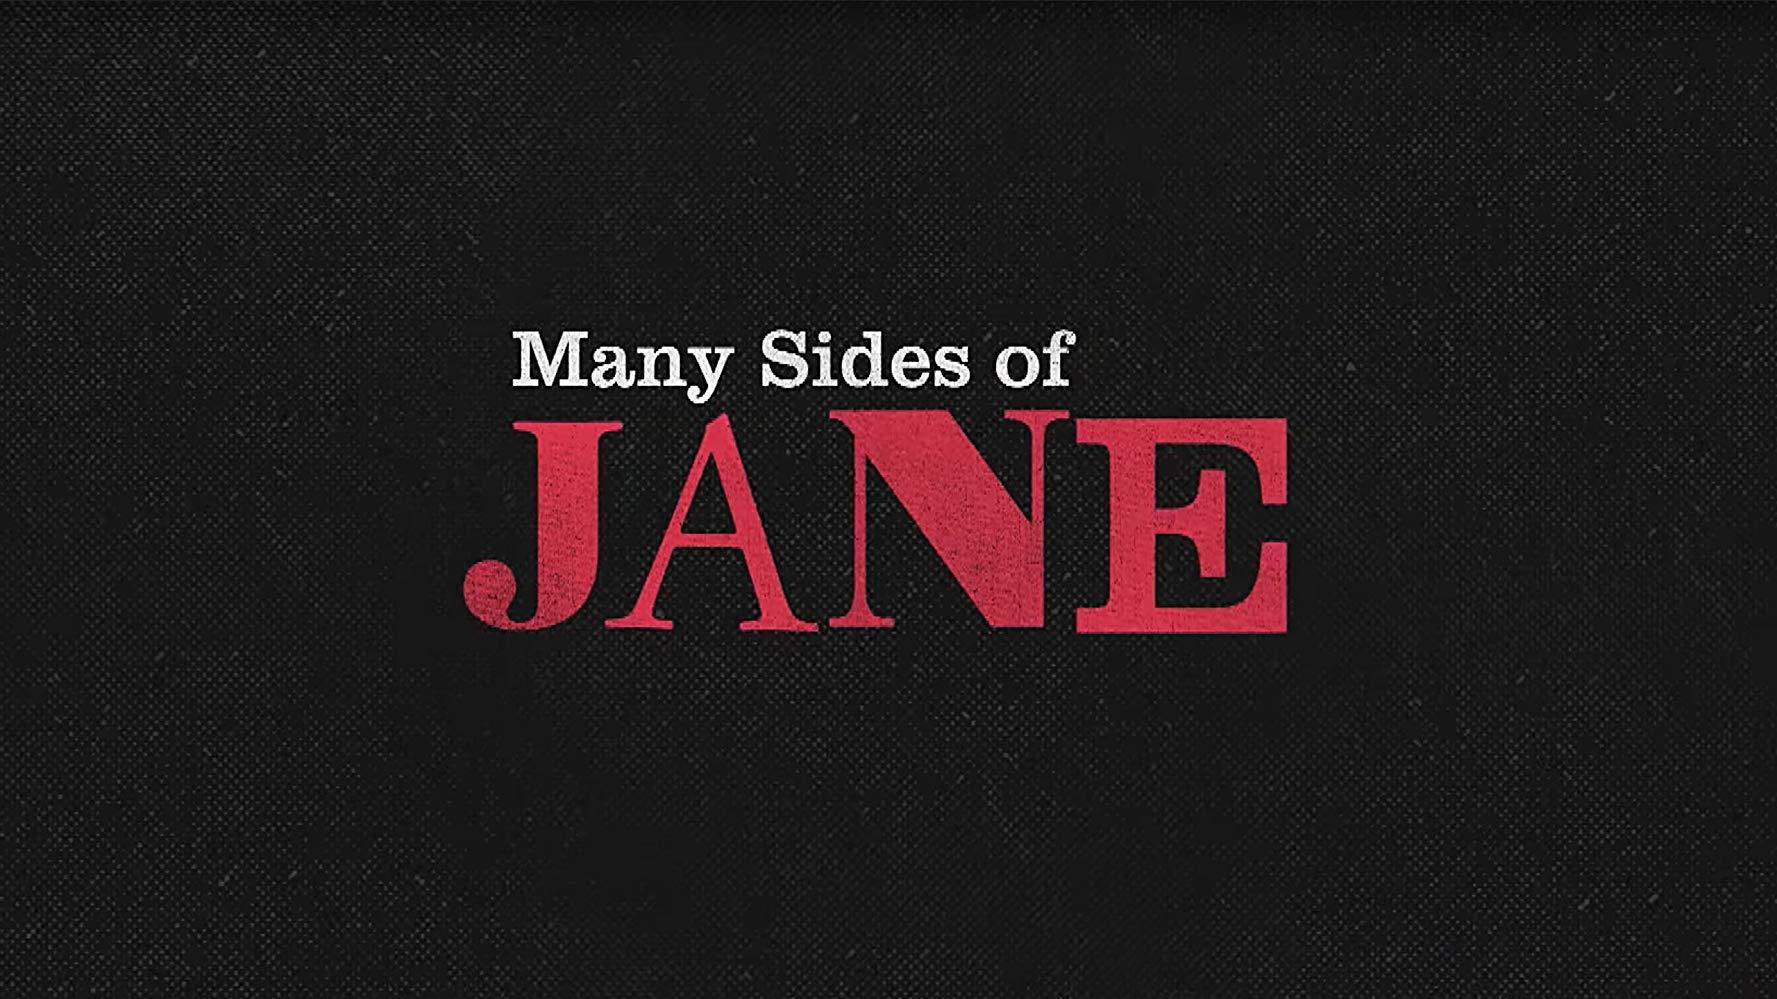 Many Sides of Jane - Season 1